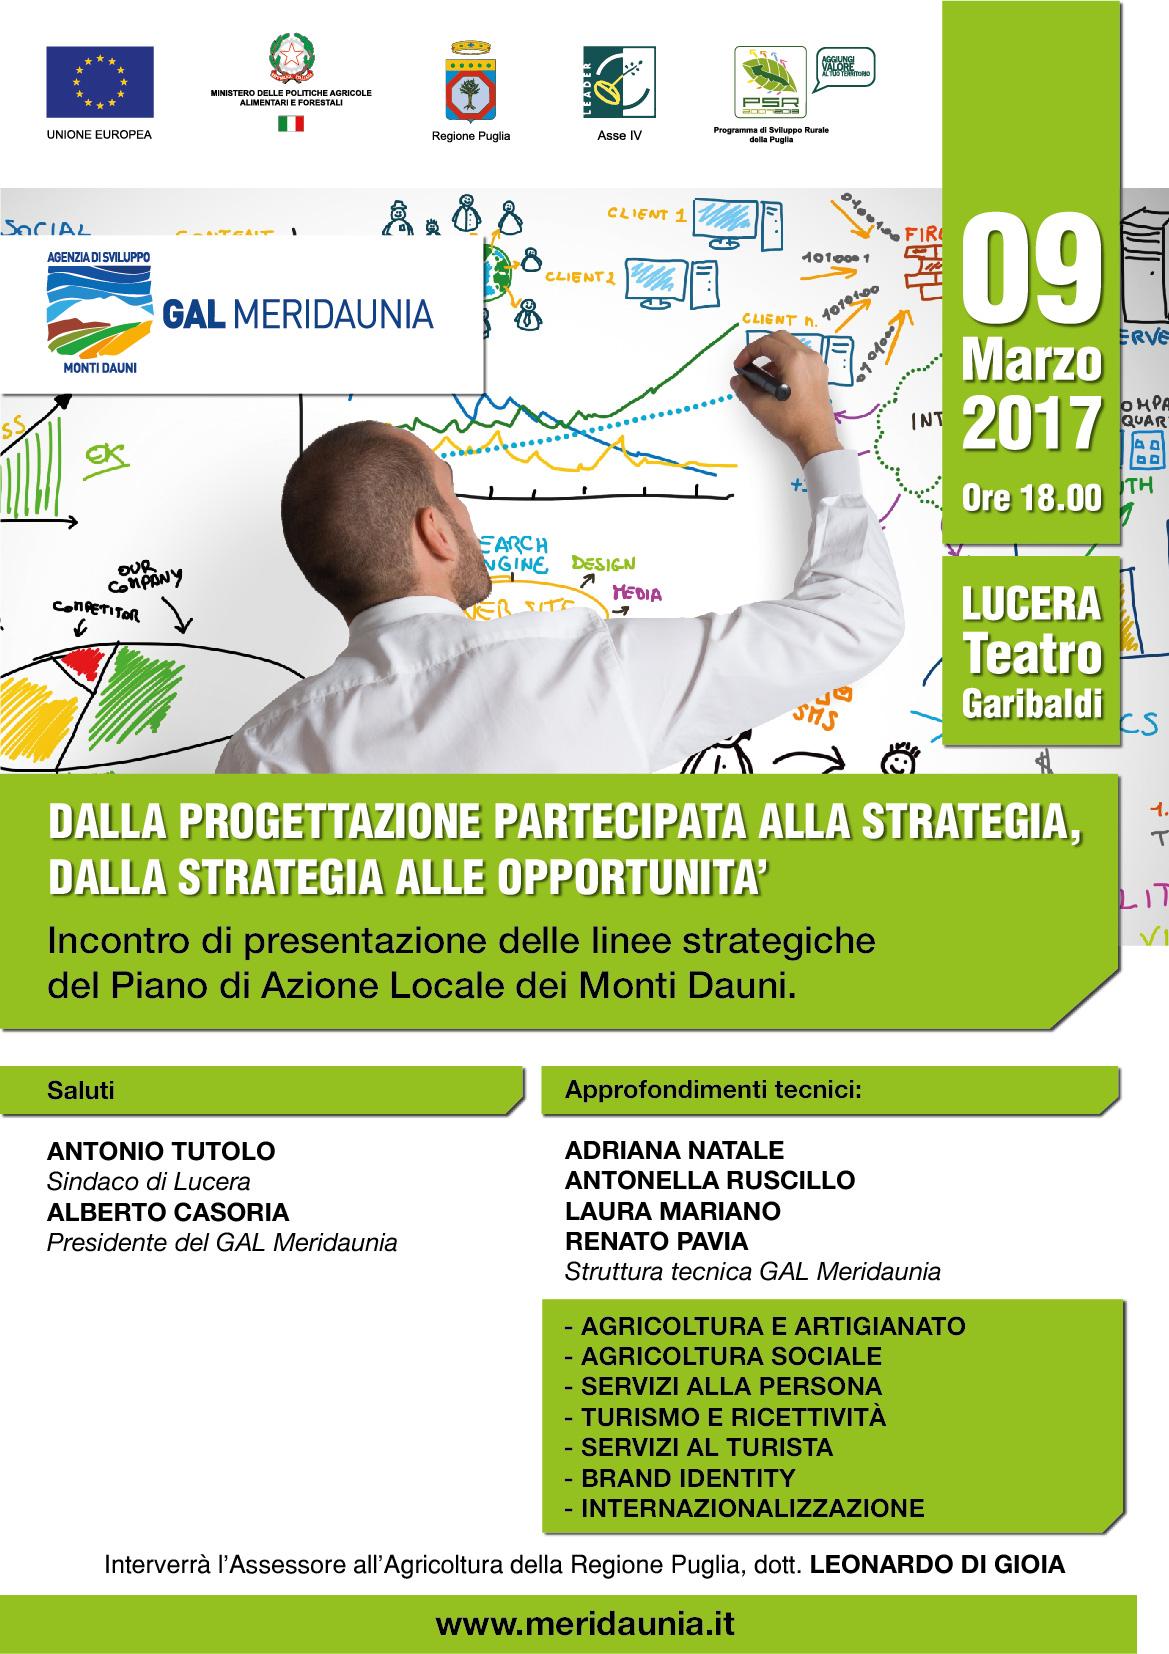 Piano di Sviluppo Locale del GAL Meridaunia: Presentazione linee strategiche